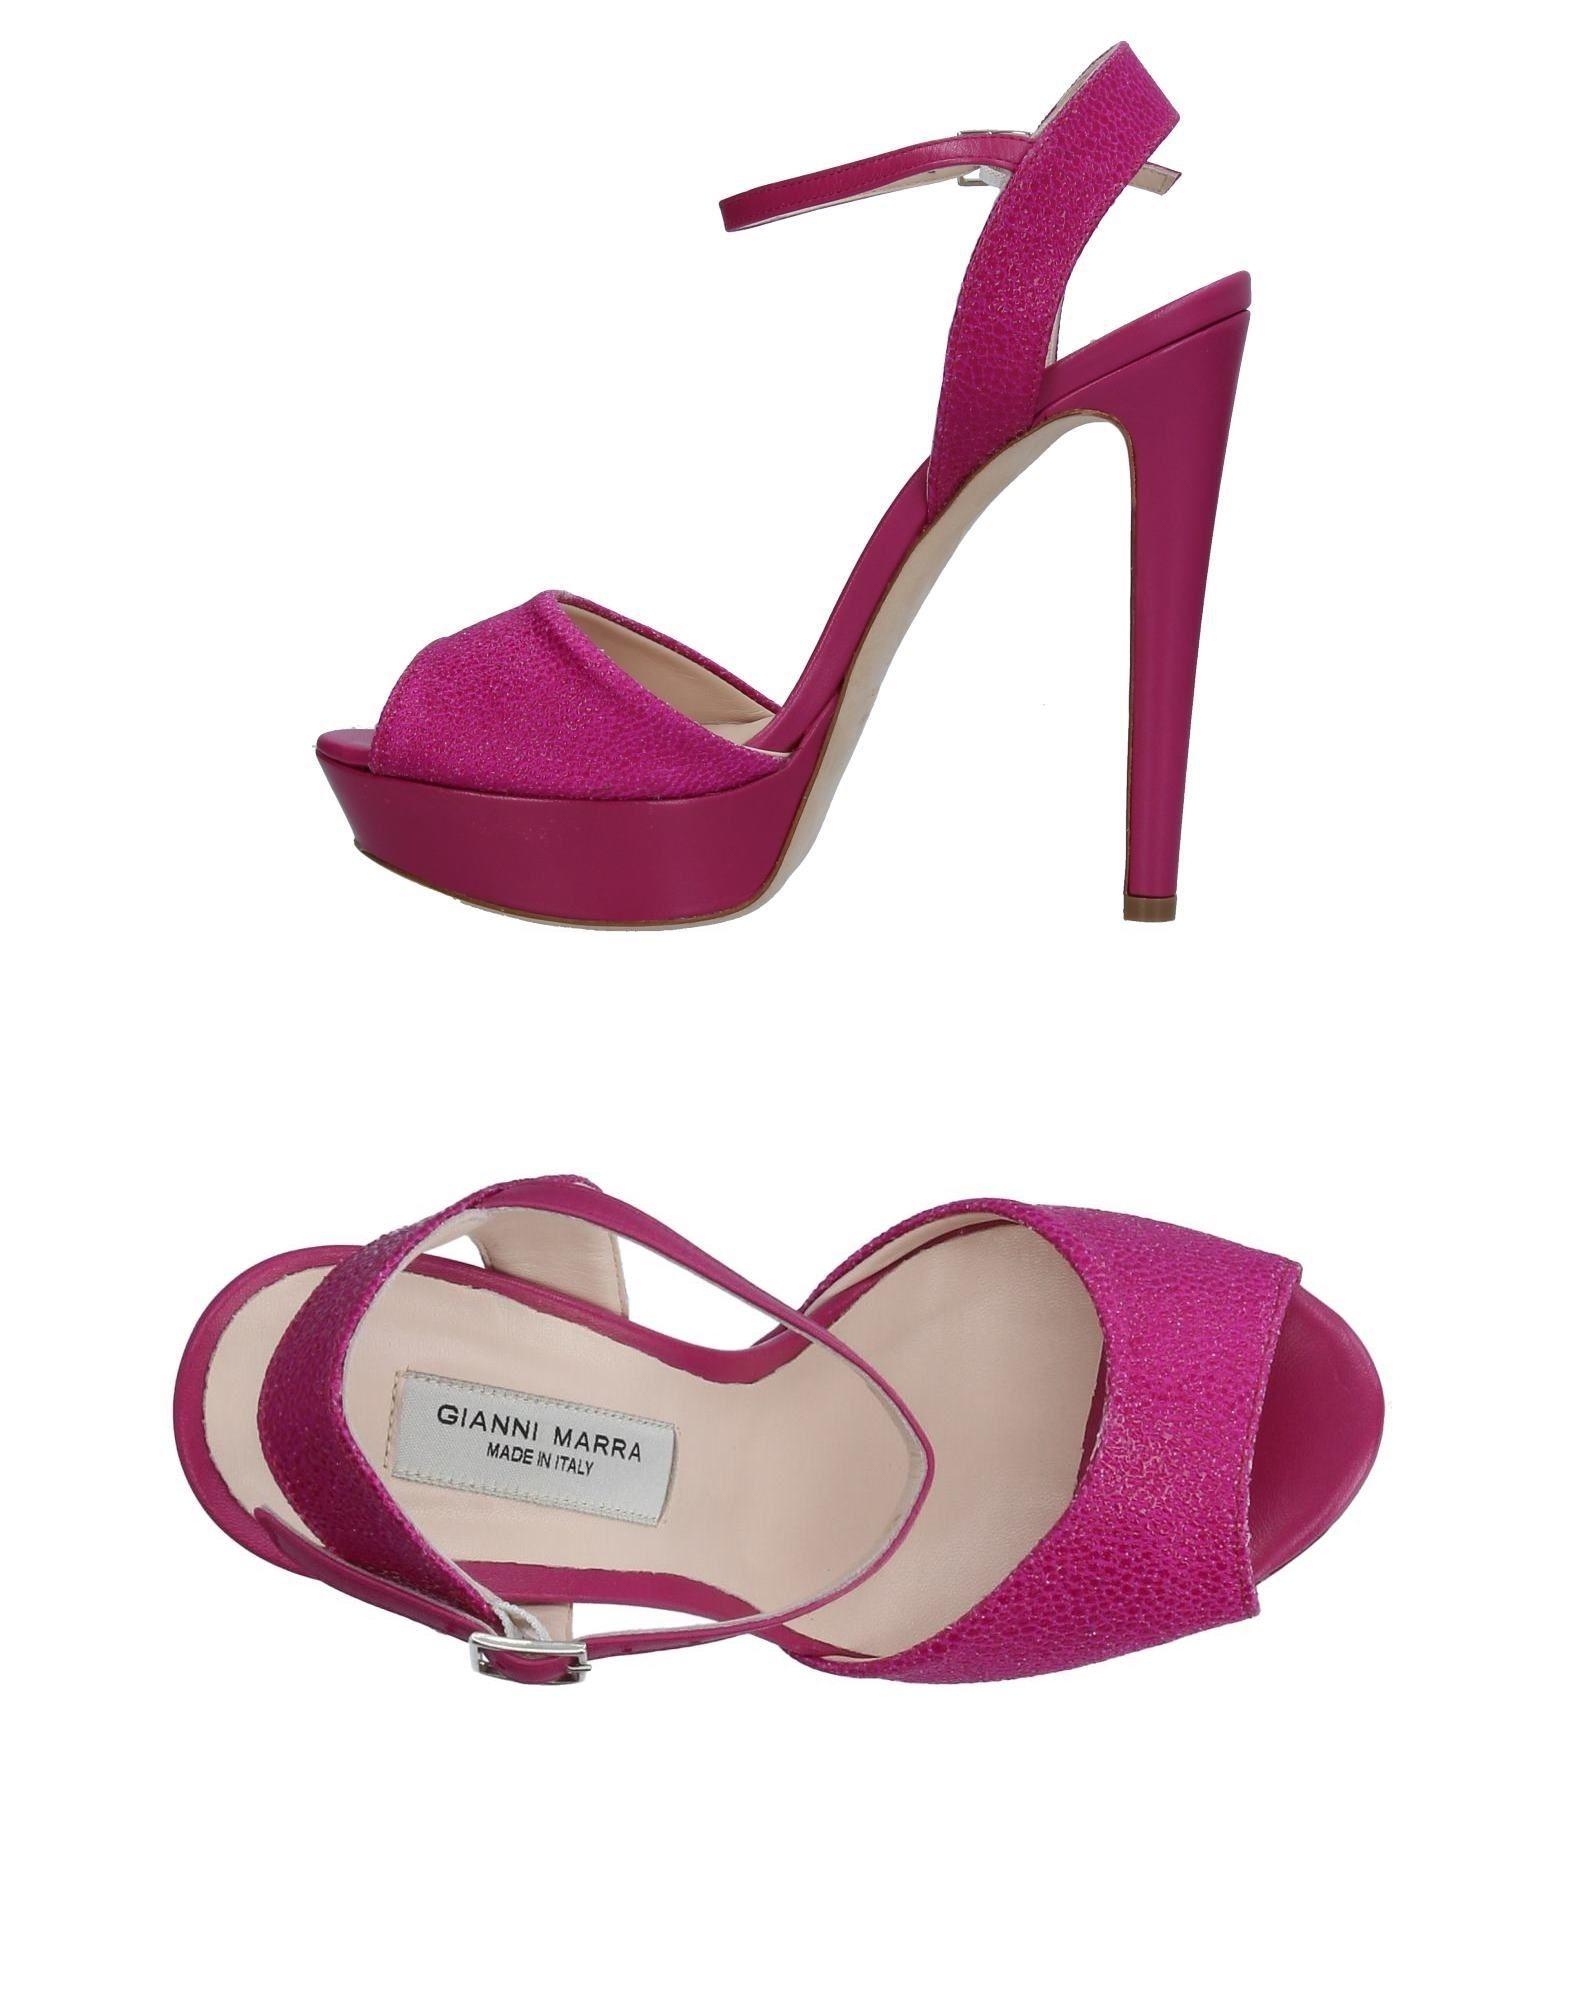 Gianni Marra Sandalen Damen  11358795TL Gute Qualität beliebte Schuhe